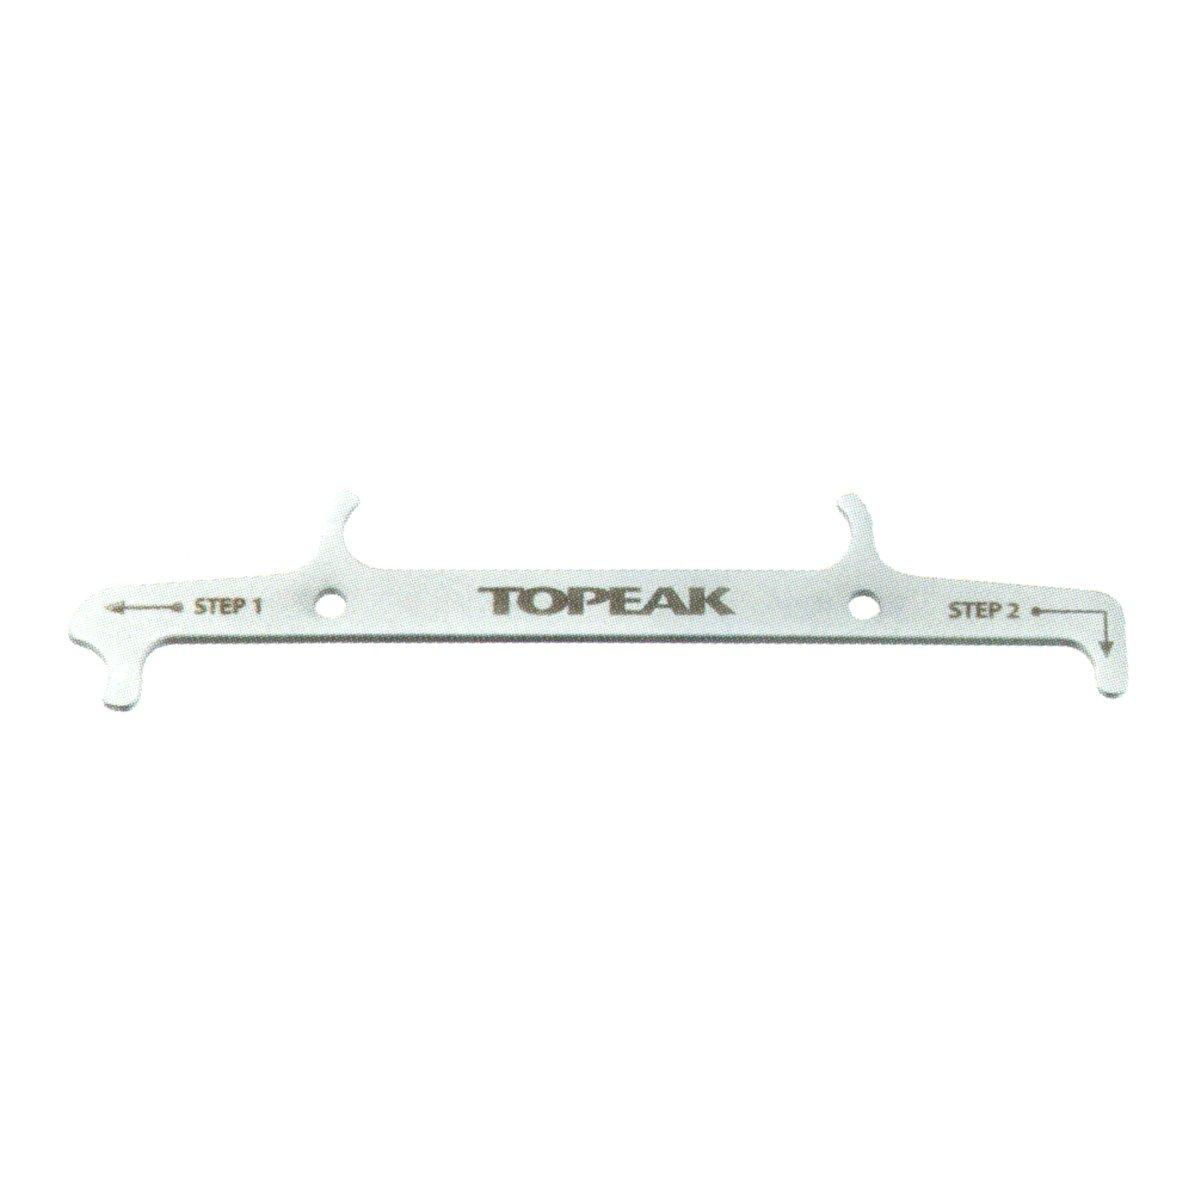 Topeak Chain Hook & Wear Indicator bike tools grey